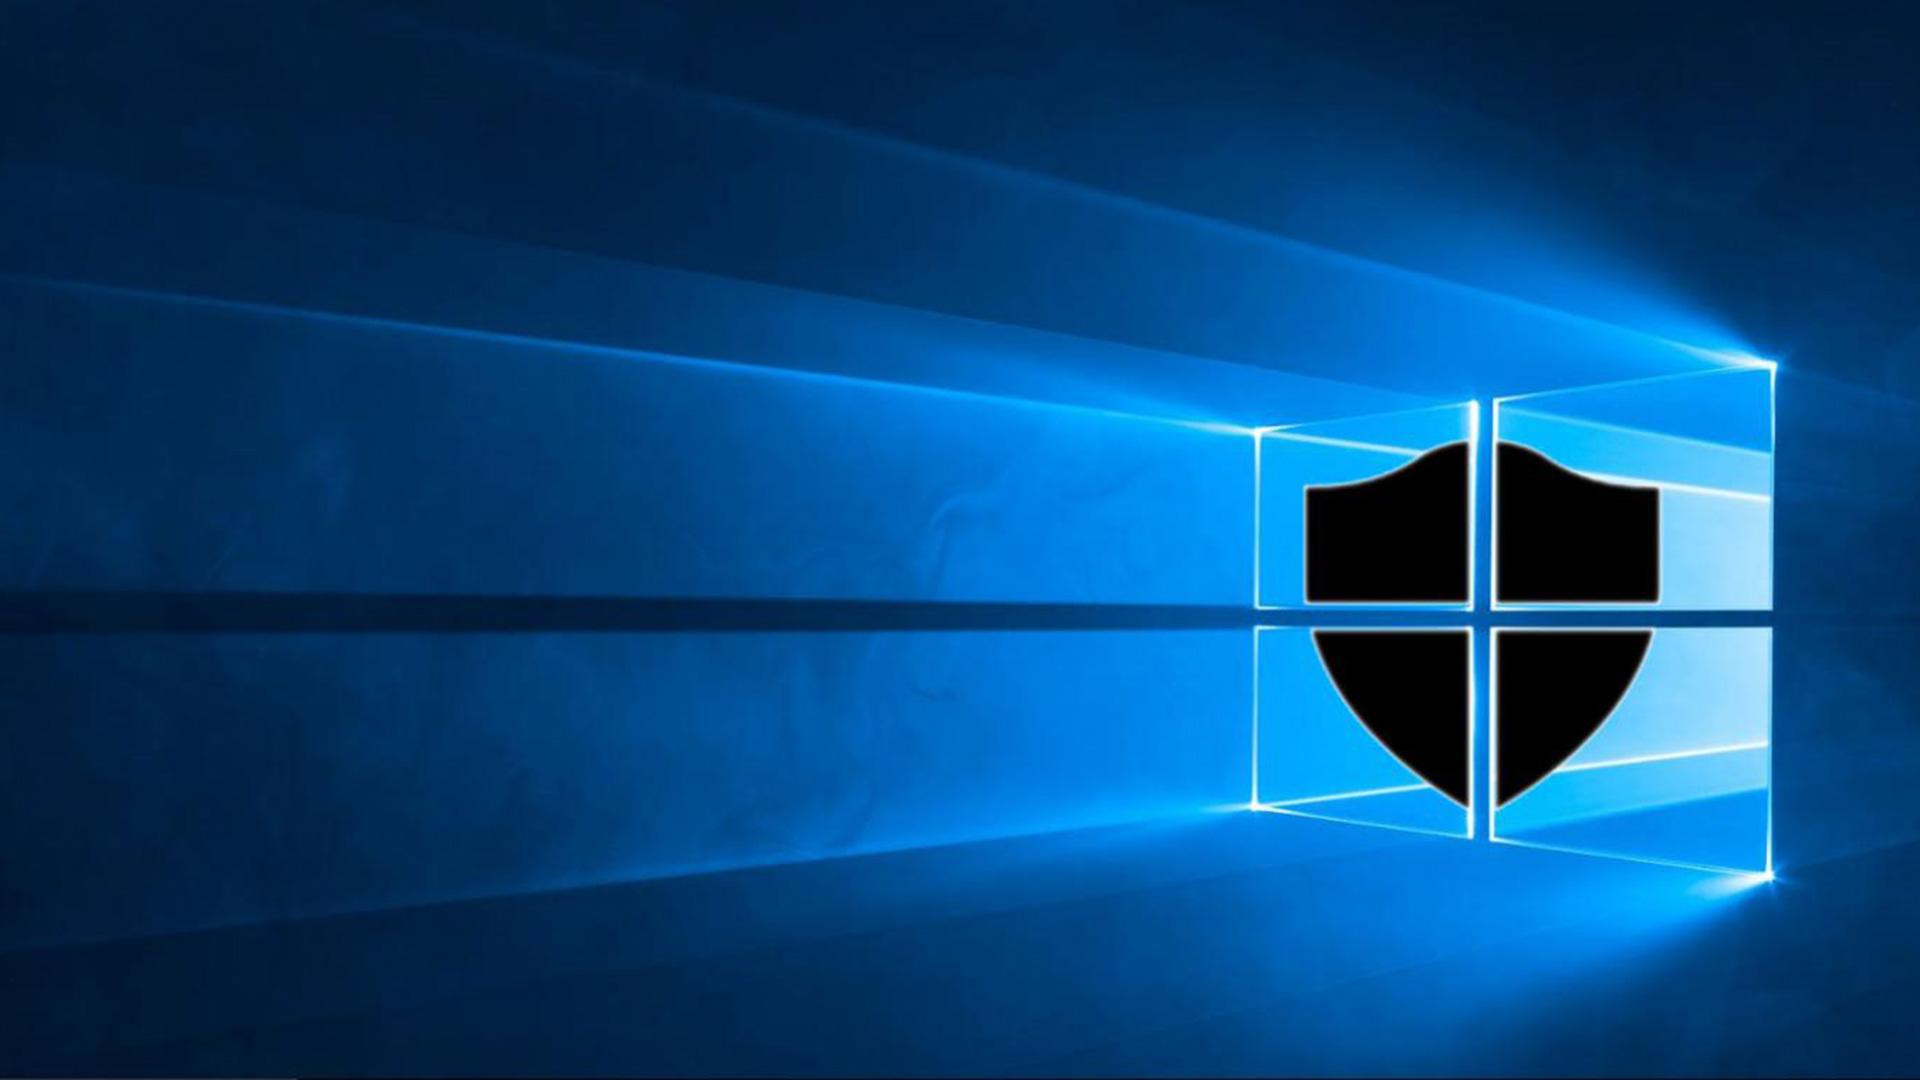 ¡Cuidado! Estos son los antivirus que reducen el rendimiento de Windows 10